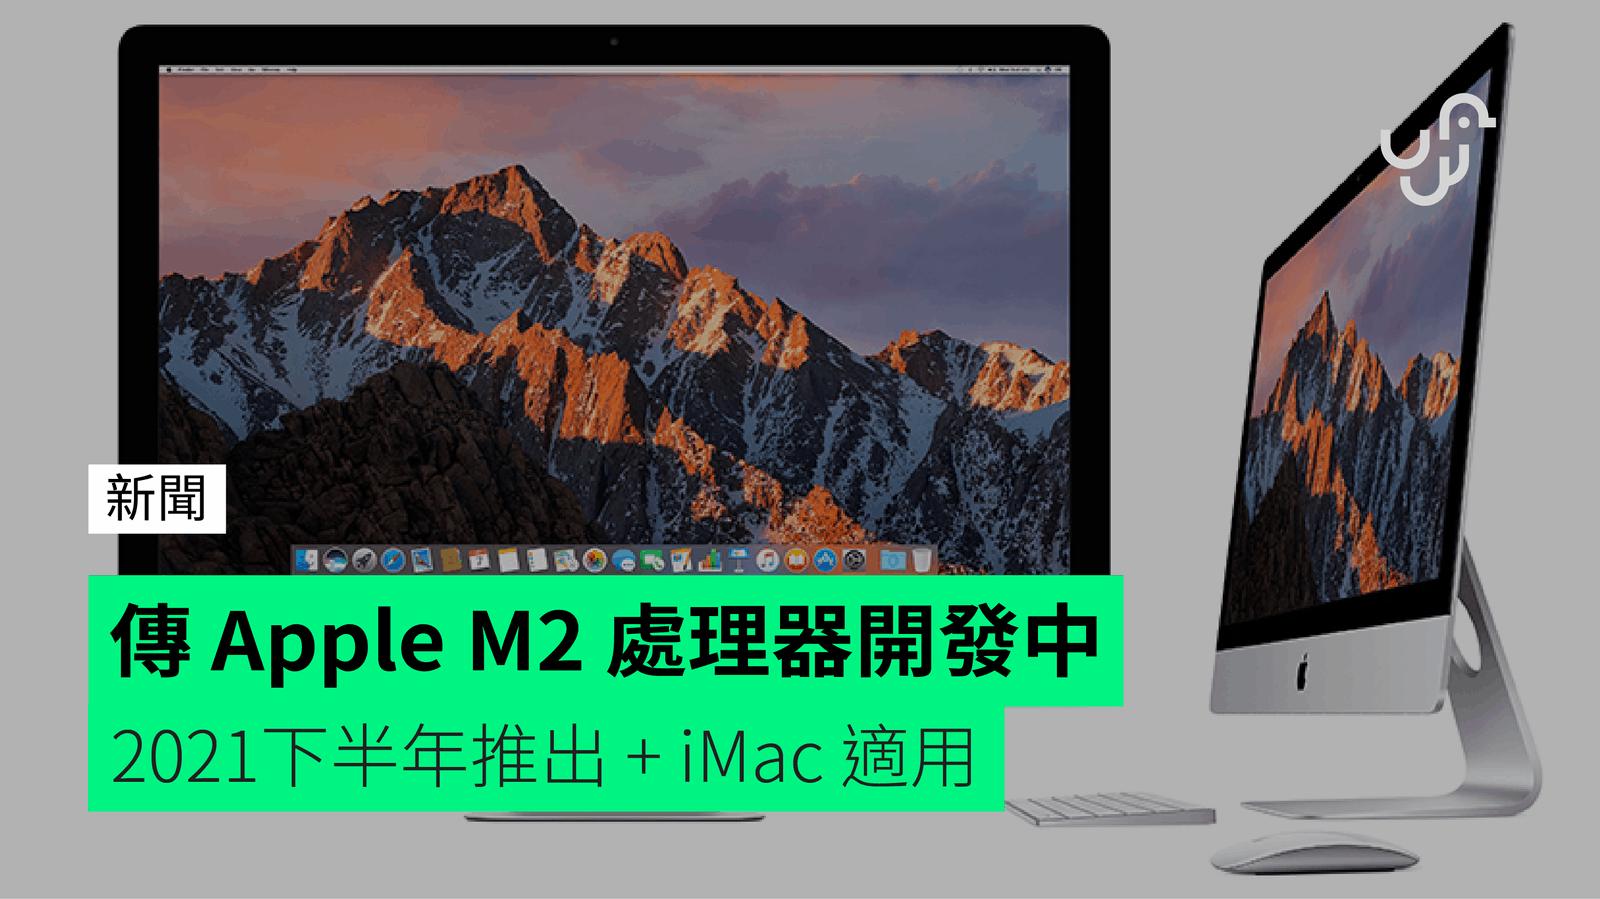 傳 Apple M2 處理器開發中 2021下半年推出 + iMac 適用 - 香港 unwire.hk